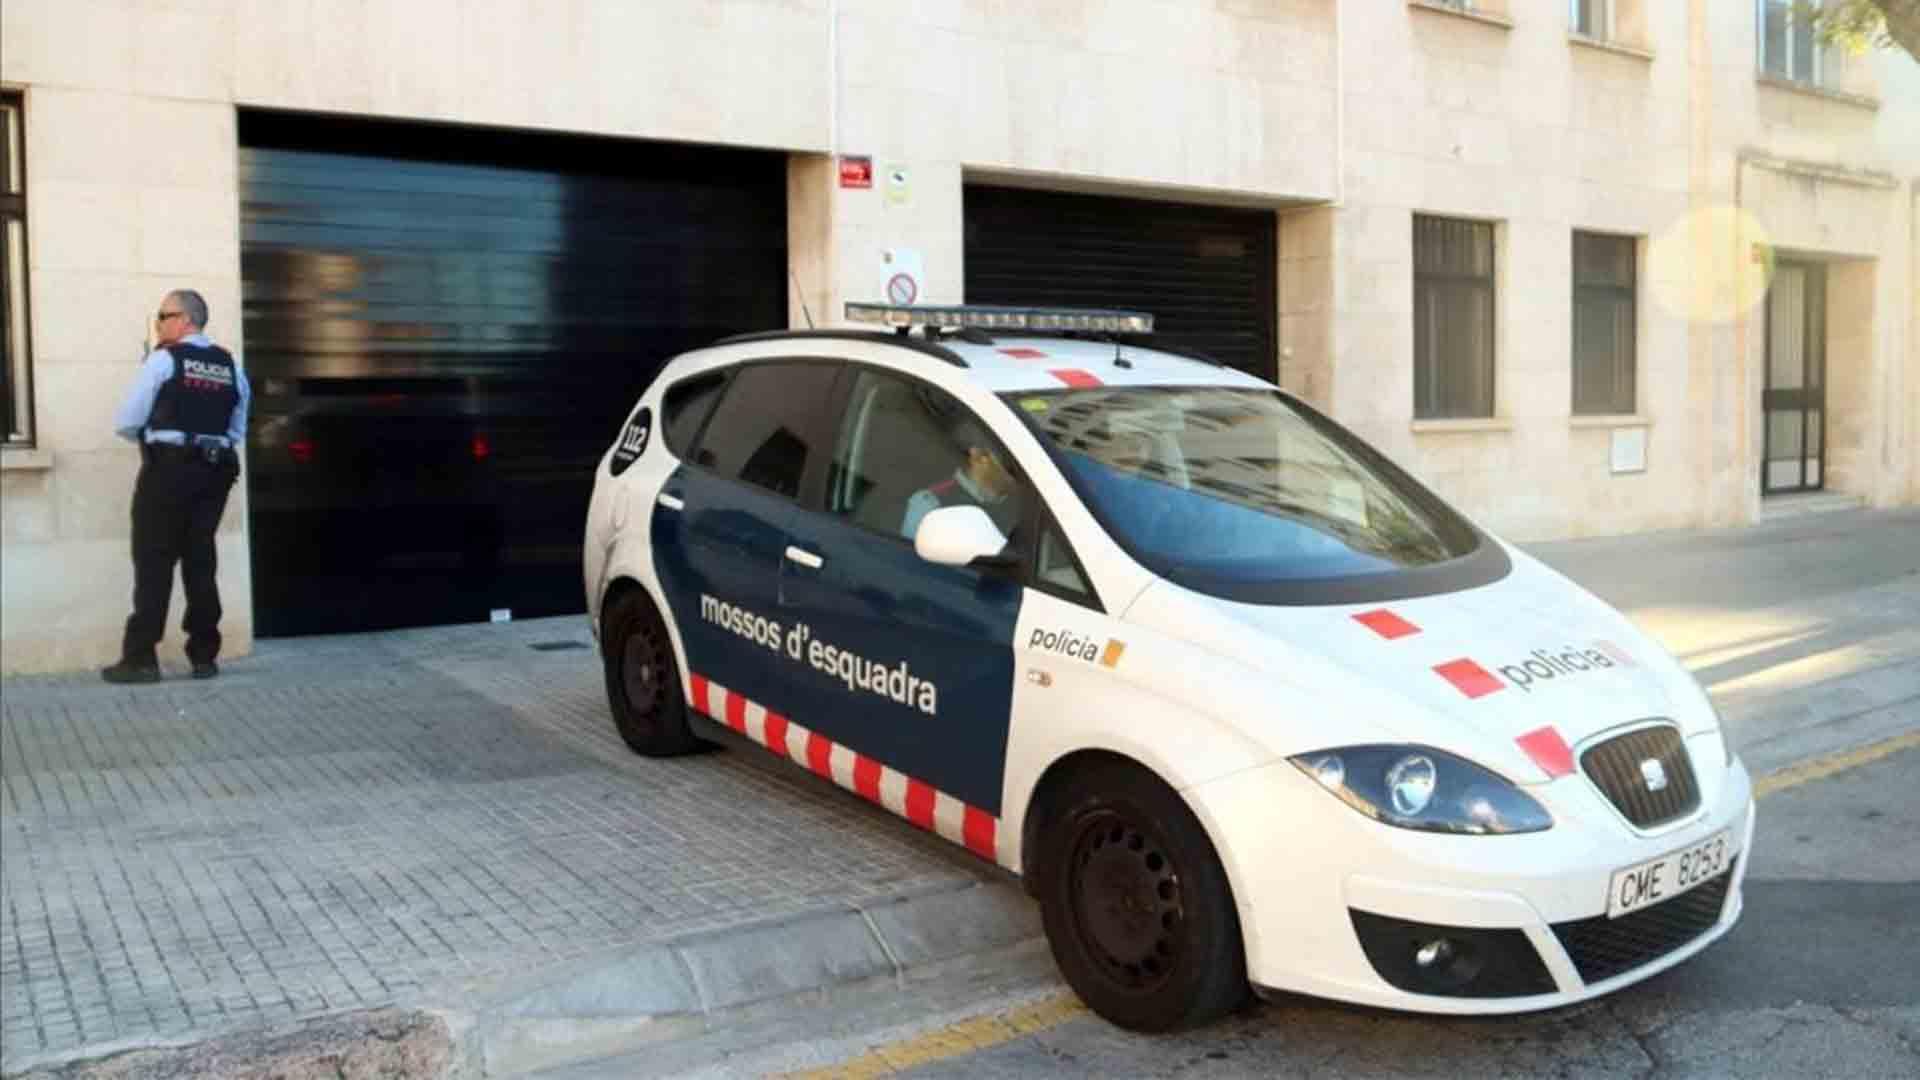 Doce ladrones de pisos detenidos durante el mes pasado en Barcelona